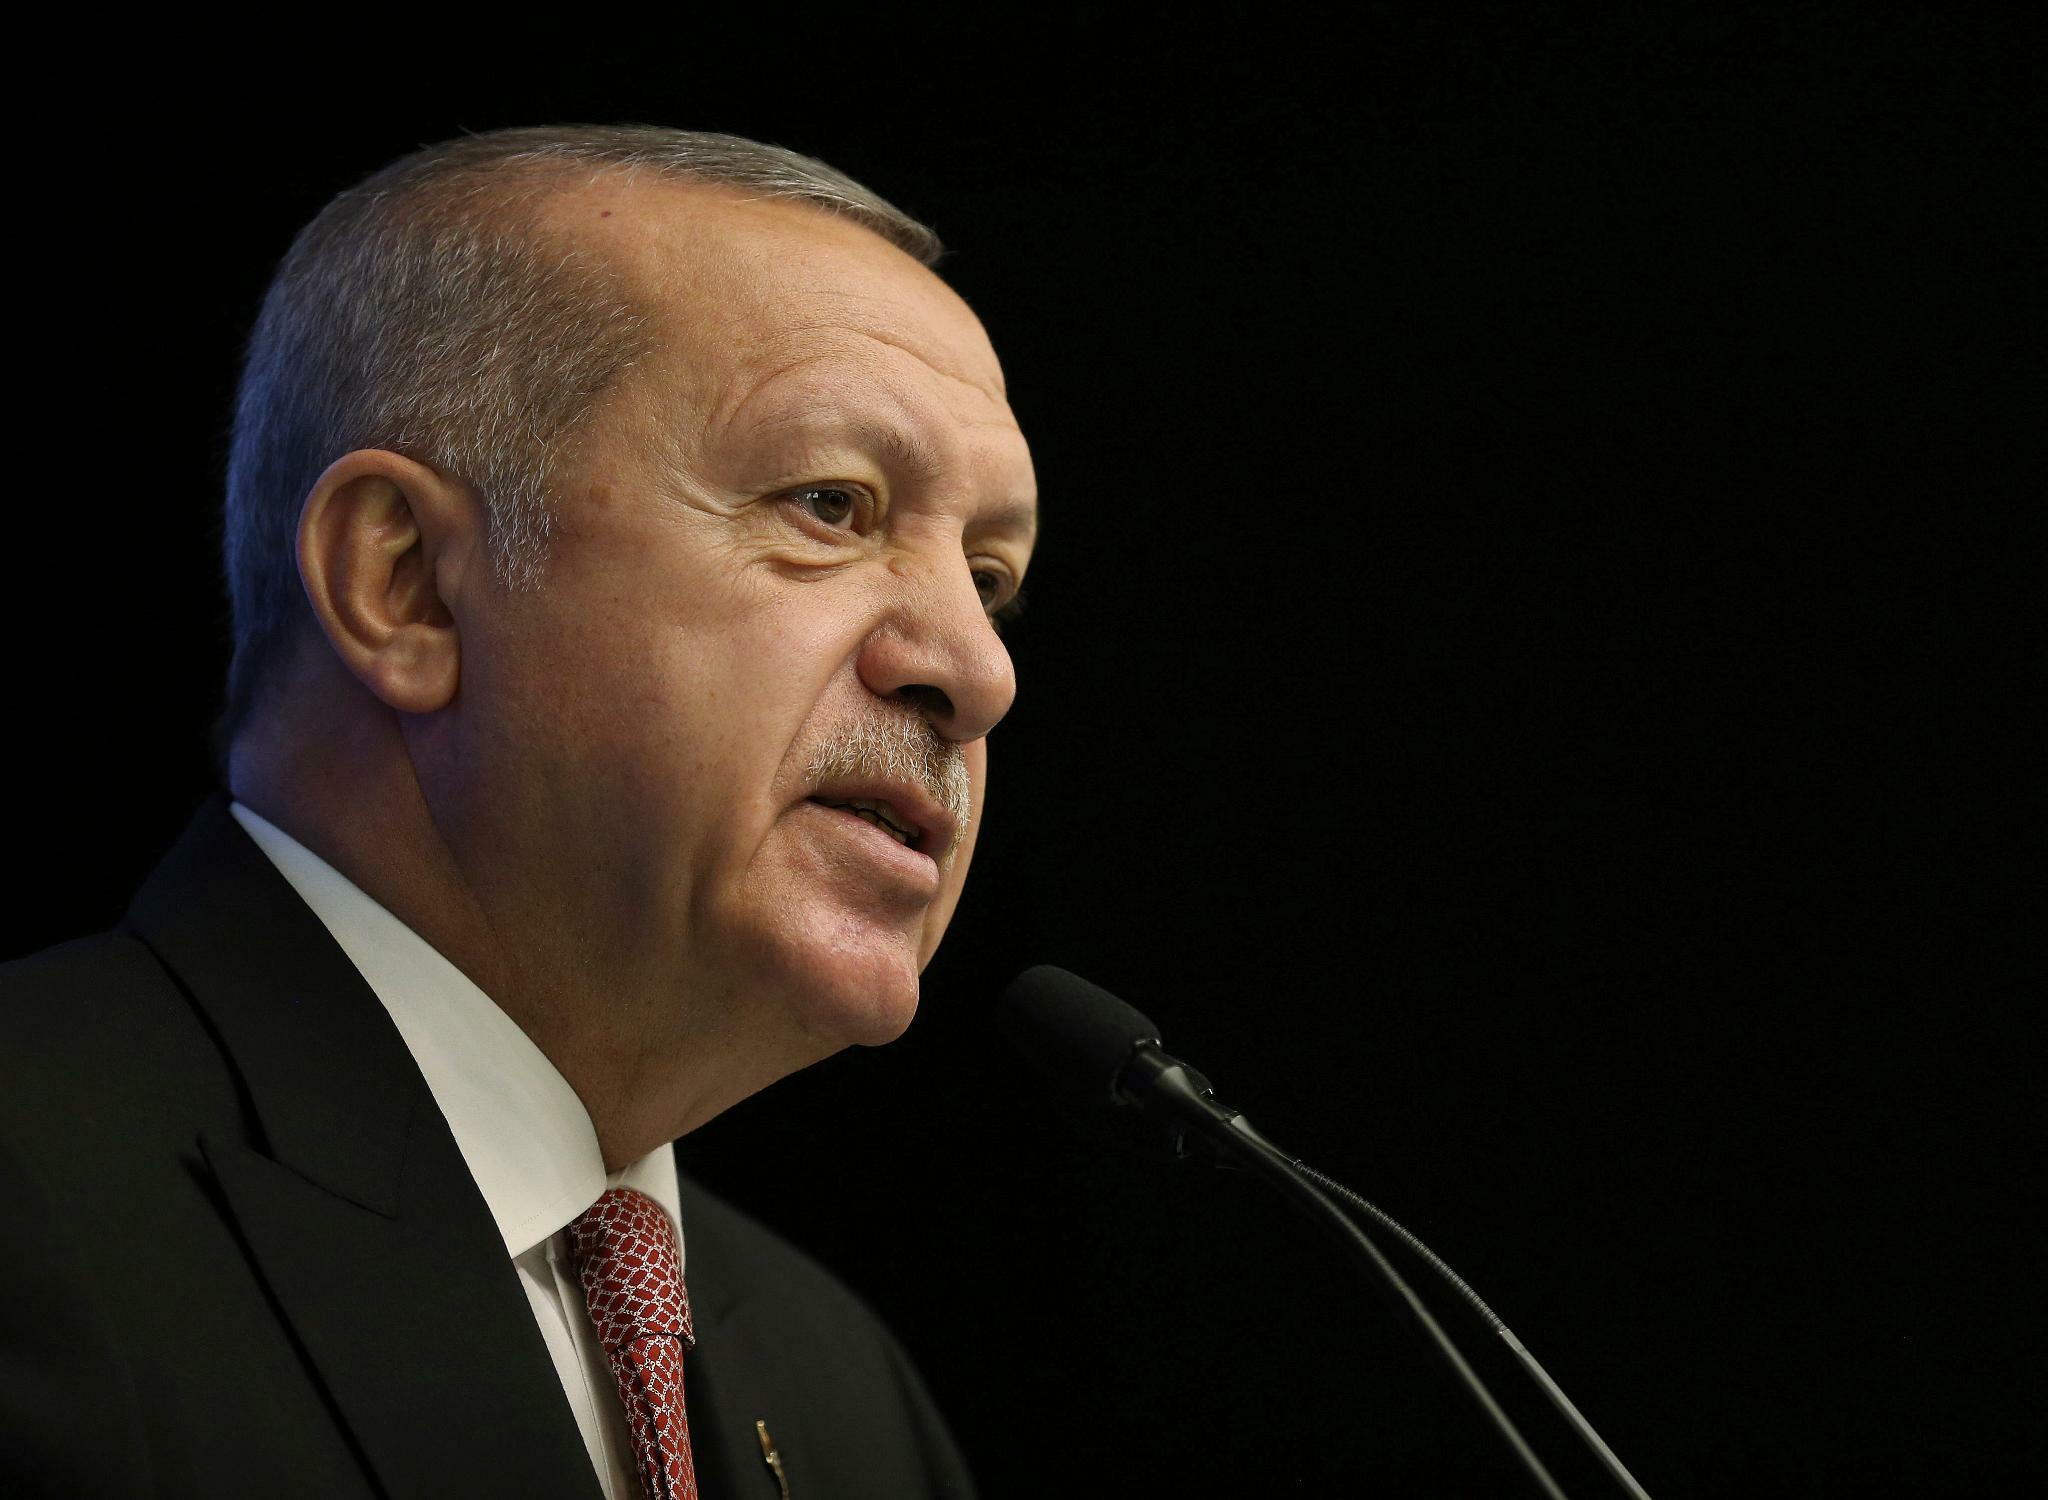 Erdogan kritisiert Medienberichte über türkische Wirtschaft